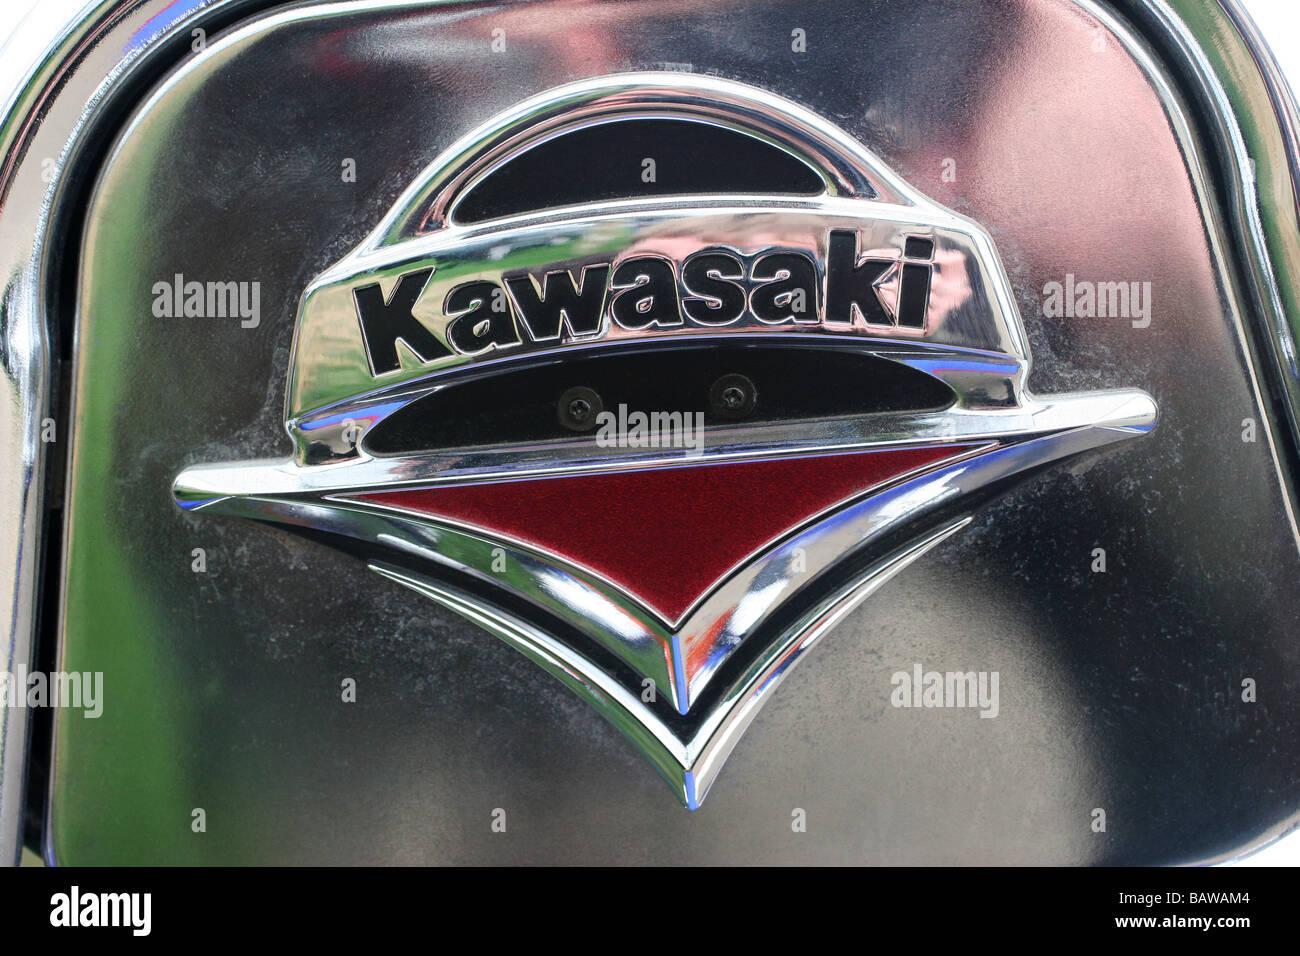 Kawasaki Motorrad Logo Stockfoto Bild 23914132